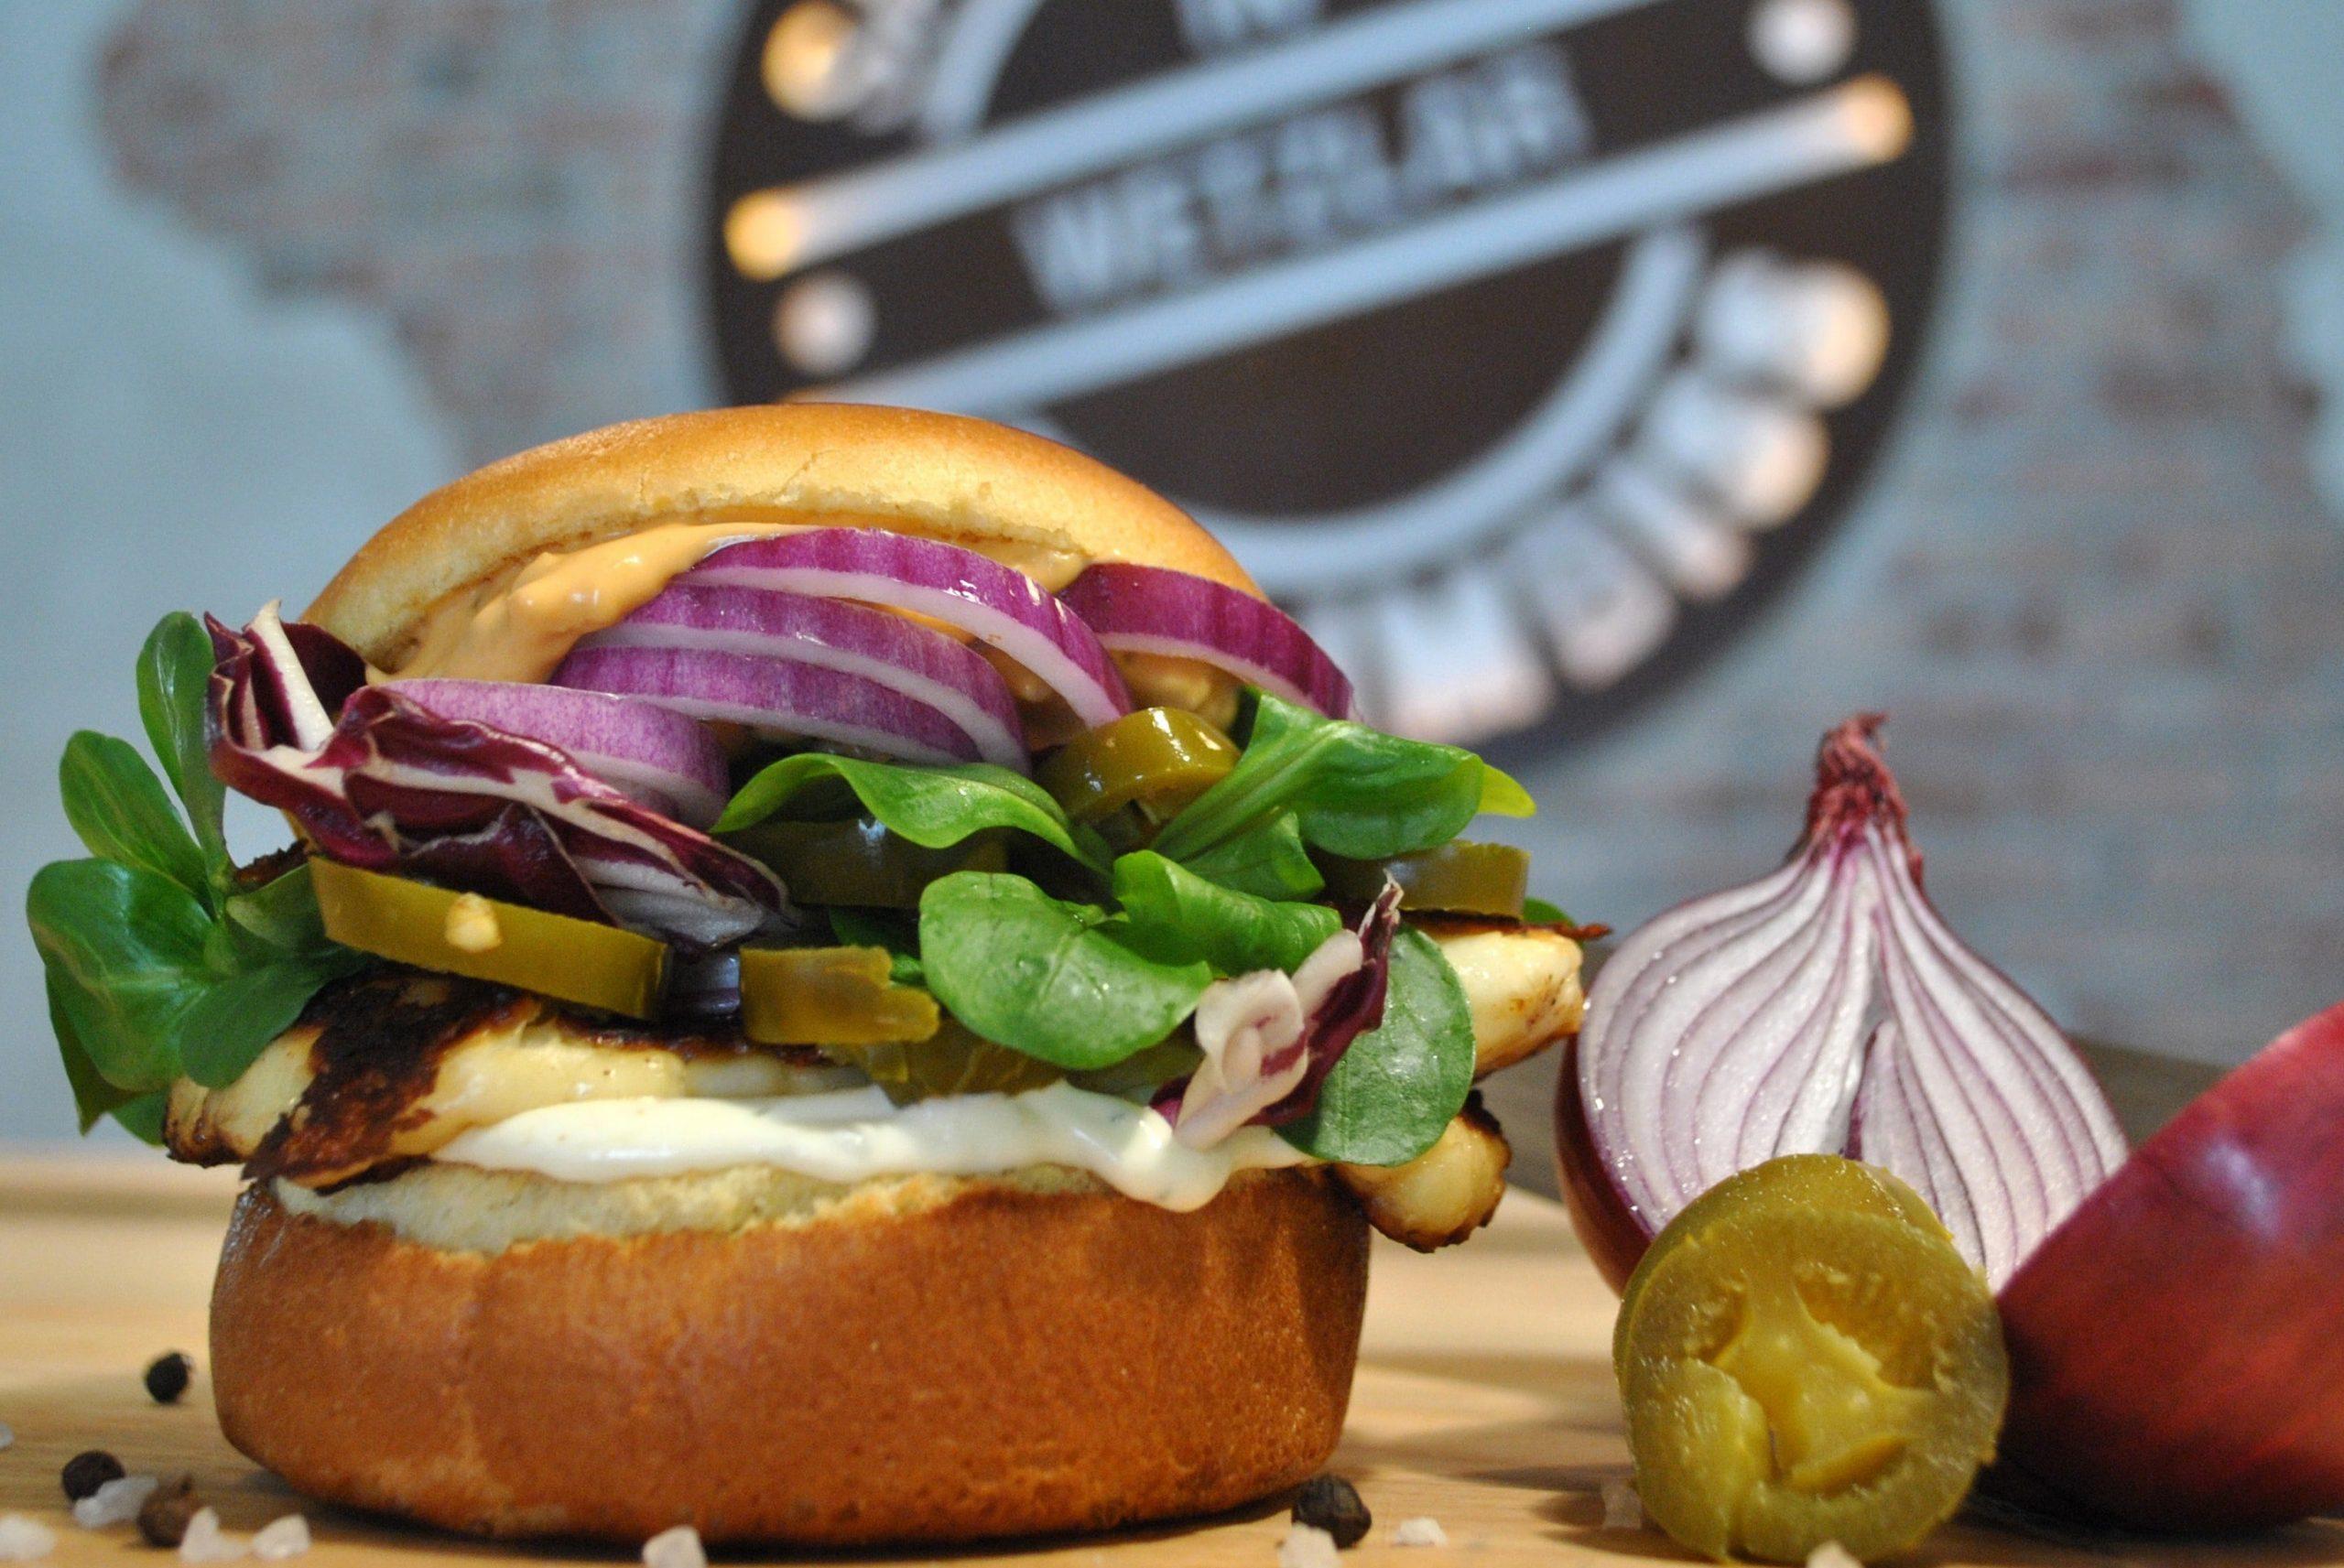 Garden salad and veggie burger